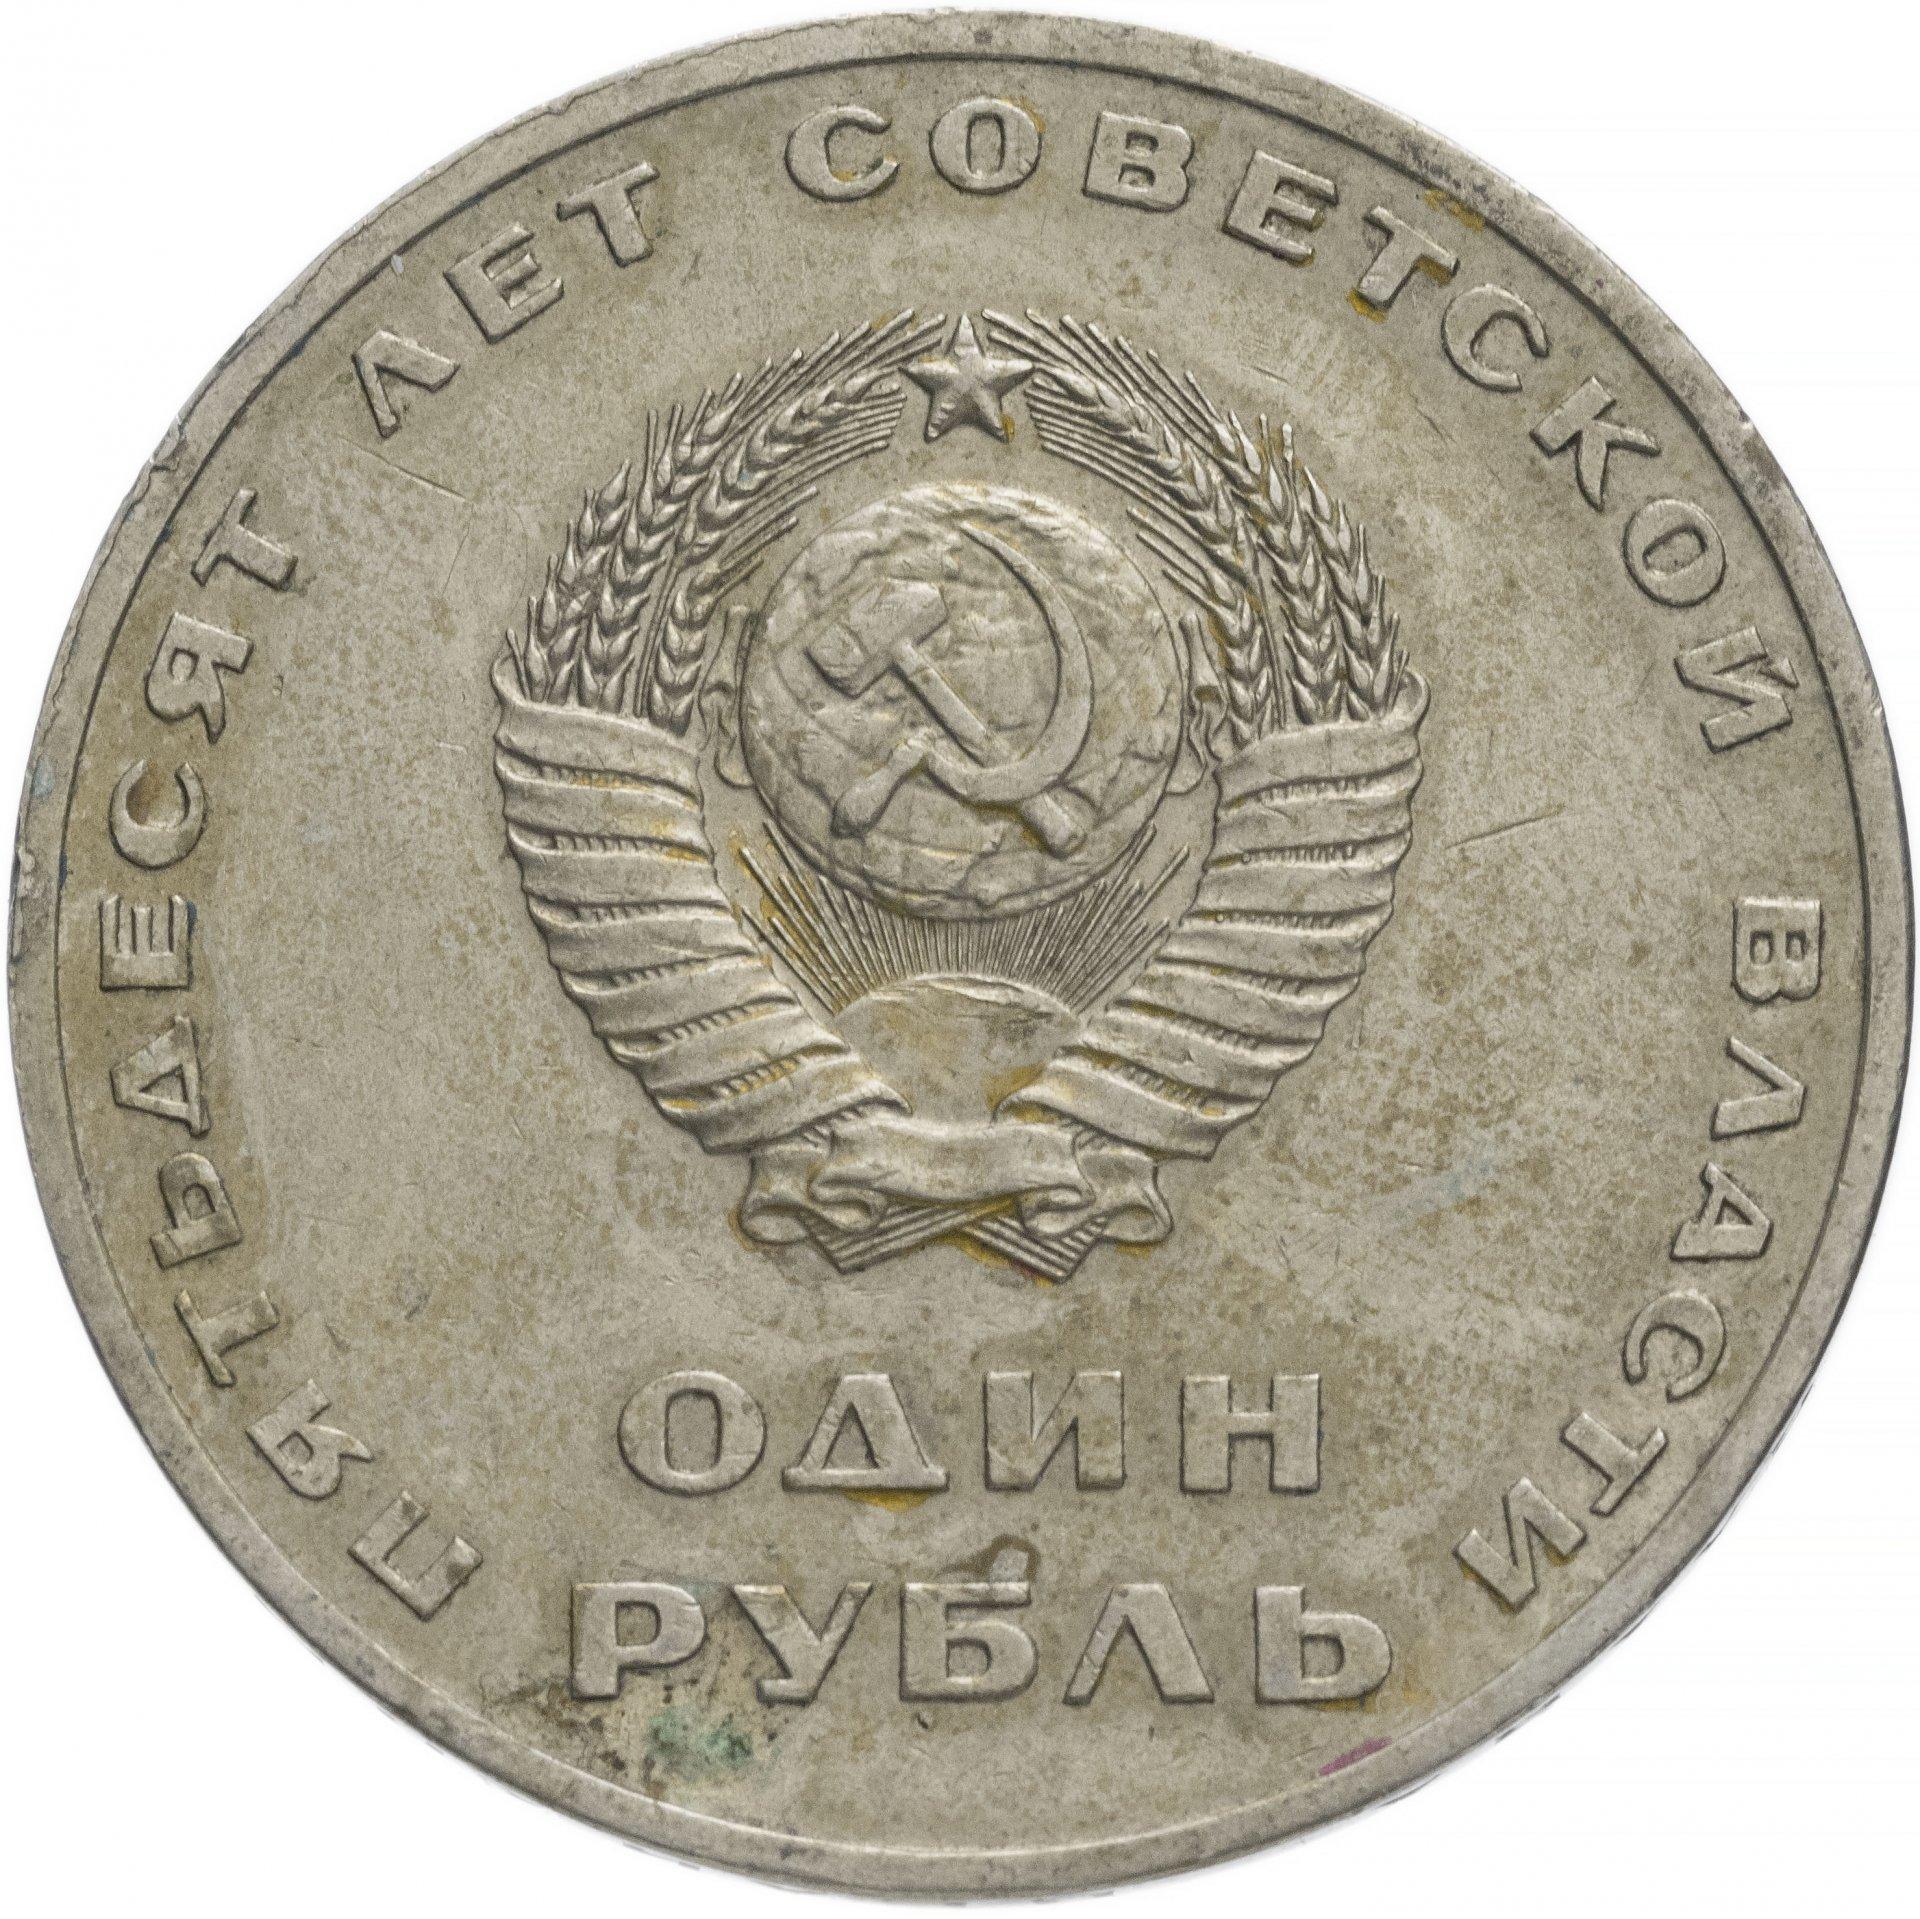 Картинка рубли ссср довольно